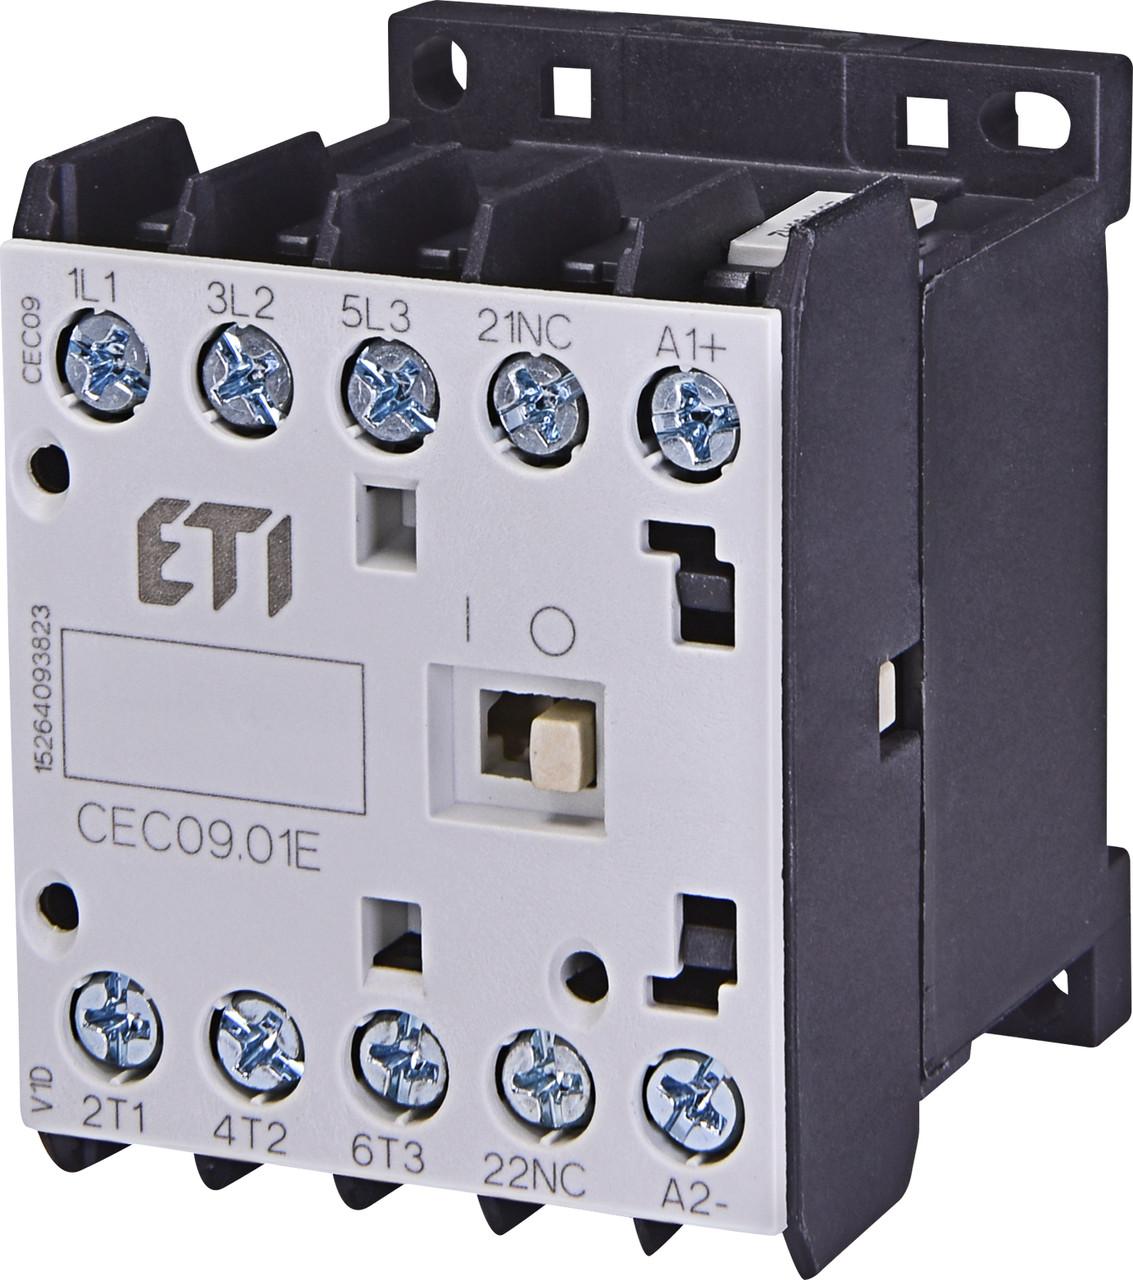 Контактор миниатюрный ETI CEC 09.10 9А 230V AC 3NO+1NC 4kW 4641072 (силовой, 20A AC1, 9A AC3)